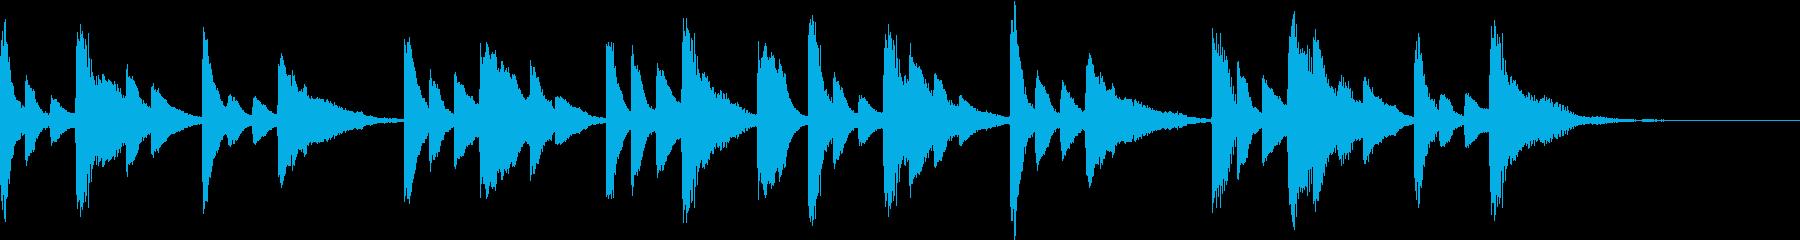 回想シーンに流れそうなピアノの再生済みの波形